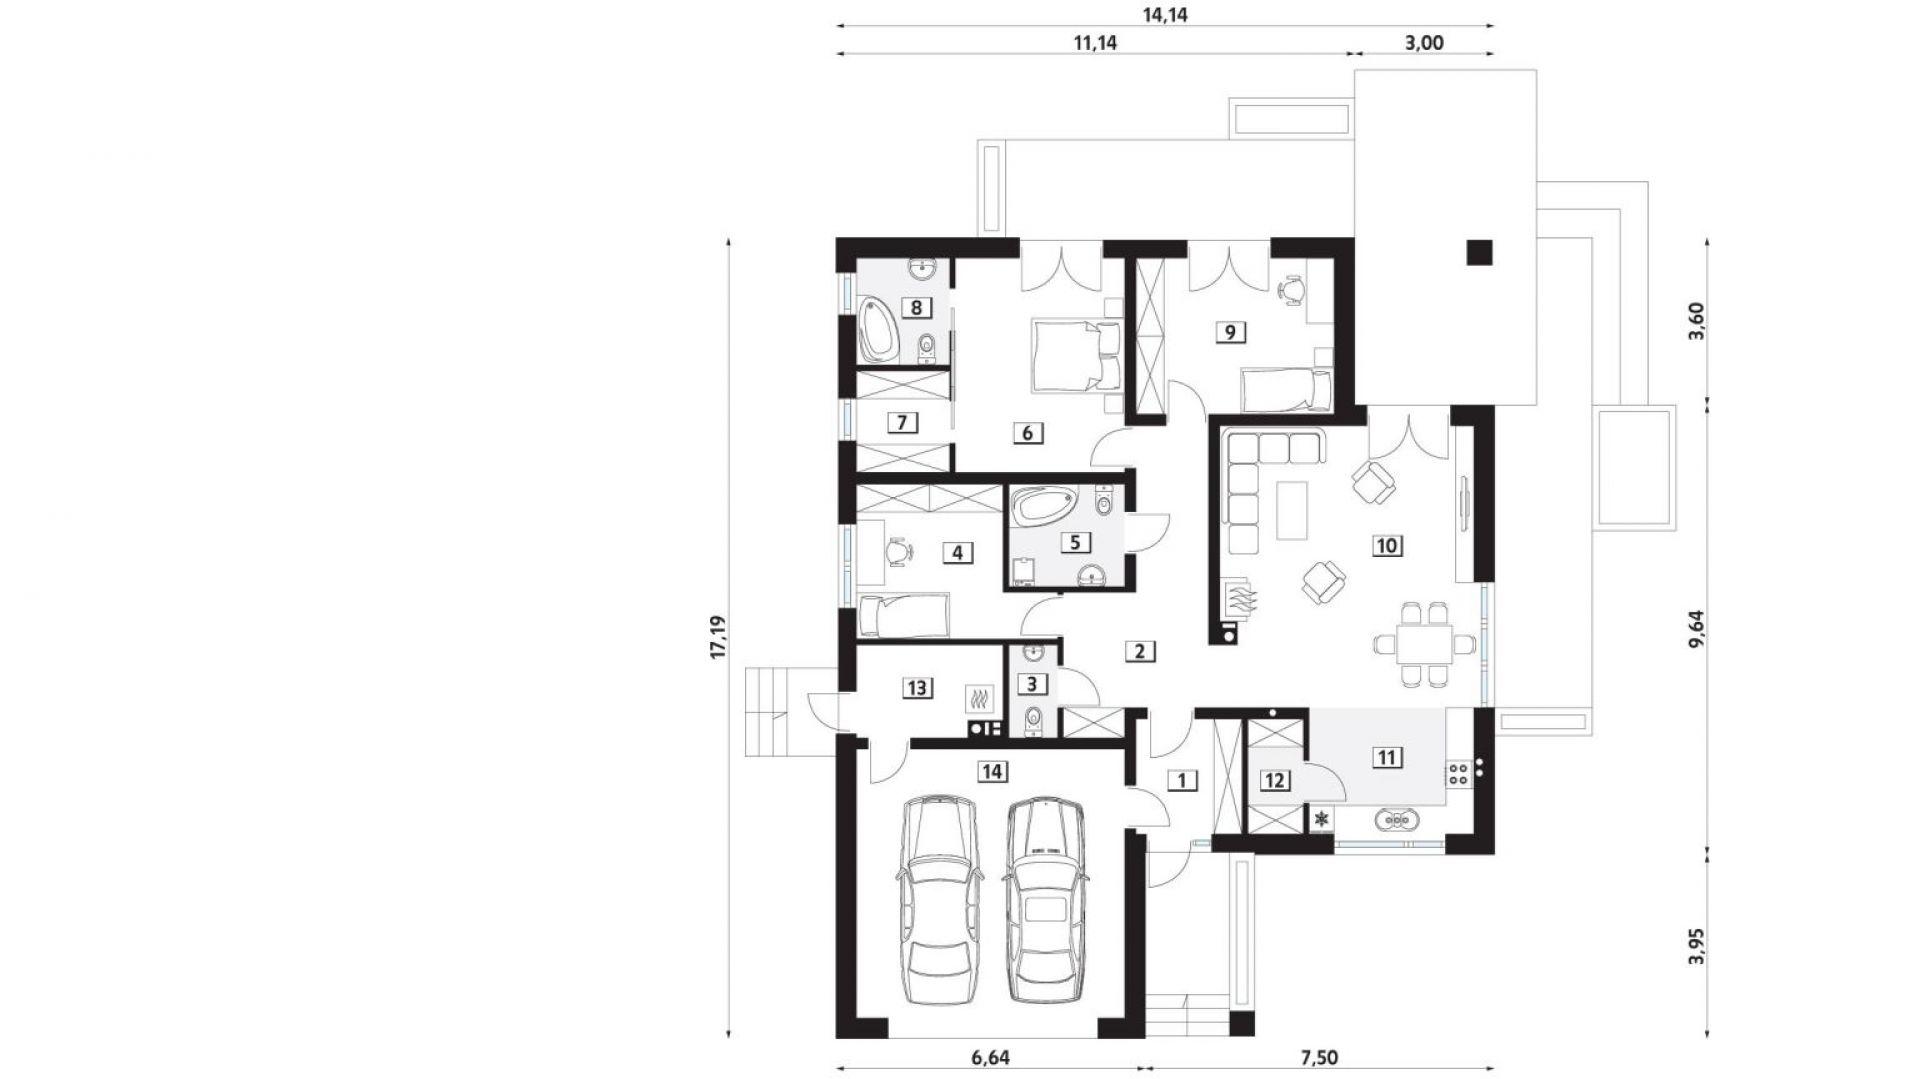 PARTER: 1. wiatrołap - 5,47 2. hol- 13,89 3. wc - 2,01 4. sypialnia - 11,46 5. łazienka - 5,35 6. sypialnia - 16,51 7. garderoba - 4,24 8. łazienka - 4,47 9. sypialnia - 14,08 10. salon + jadalnia - 32,74 11. kuchnia - 9,37 12. spiżarnia - 2,84 13. kotłownia - 5,92 14. garaż - 31,89